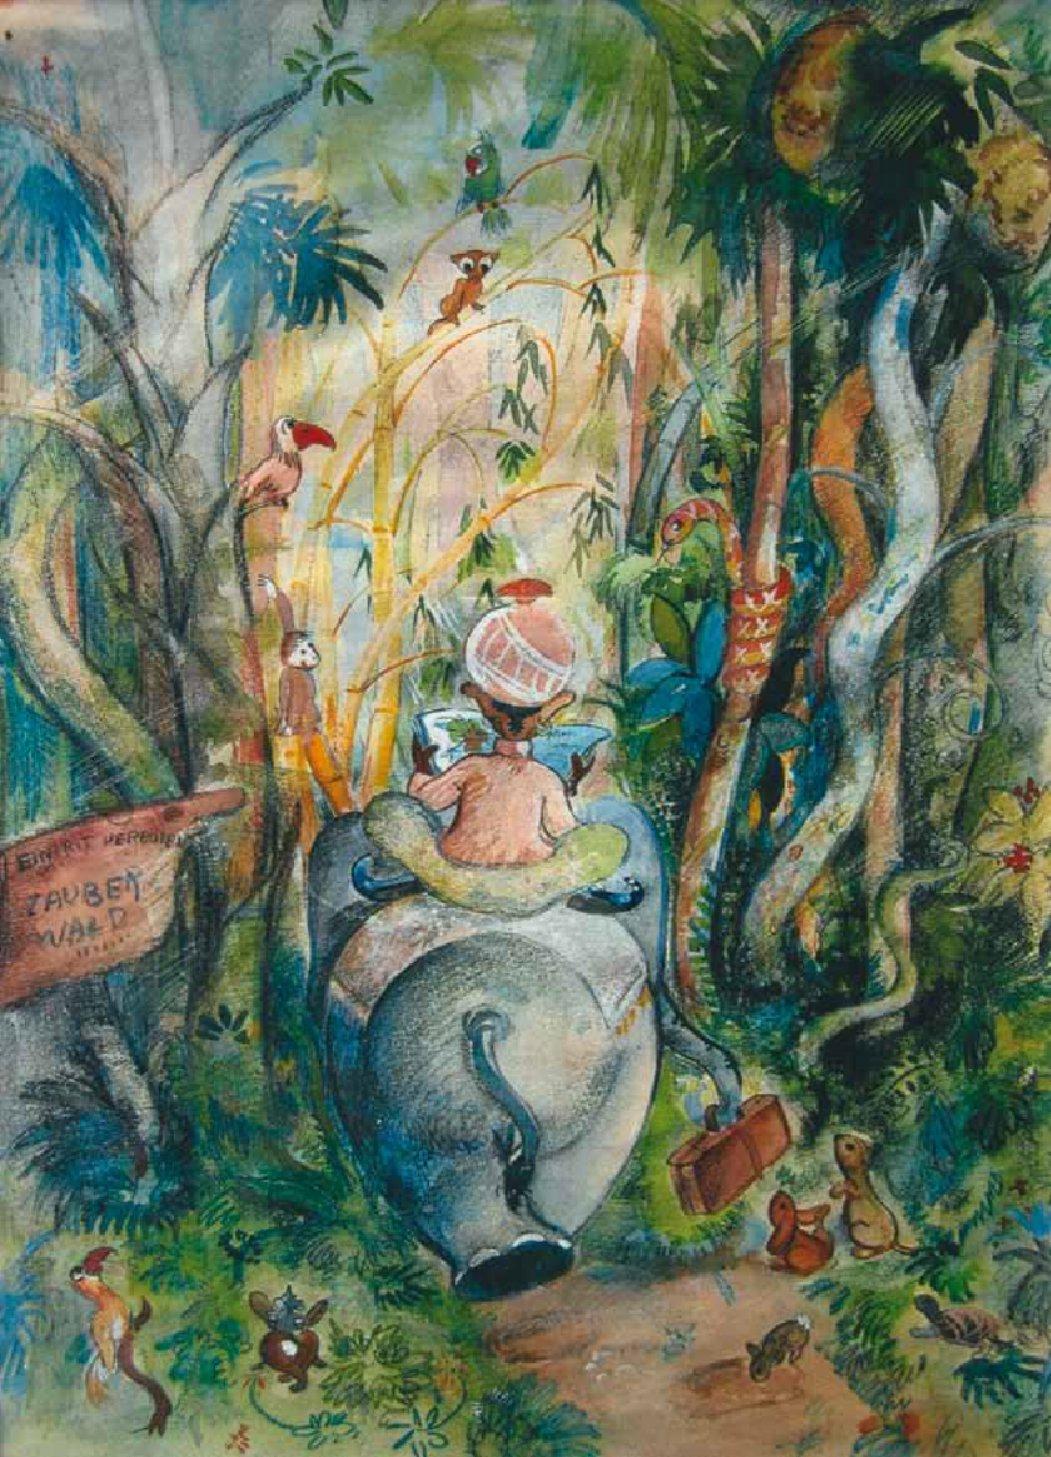 Thomas Häfner, Elefant im Zauberwald (1948/49; Katalog: 126)